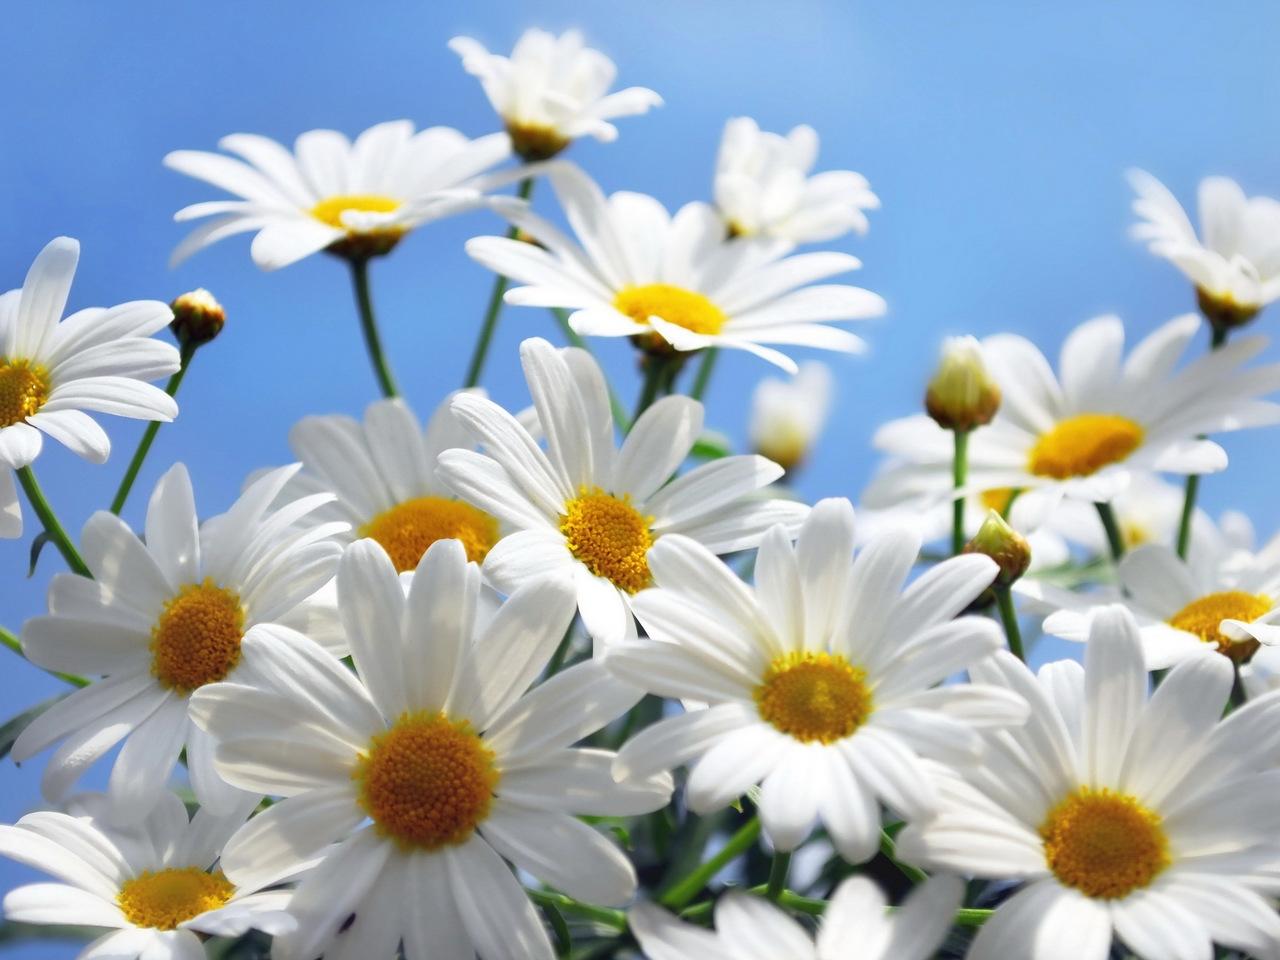 33657 скачать обои Цветы, Ромашки, Растения - заставки и картинки бесплатно